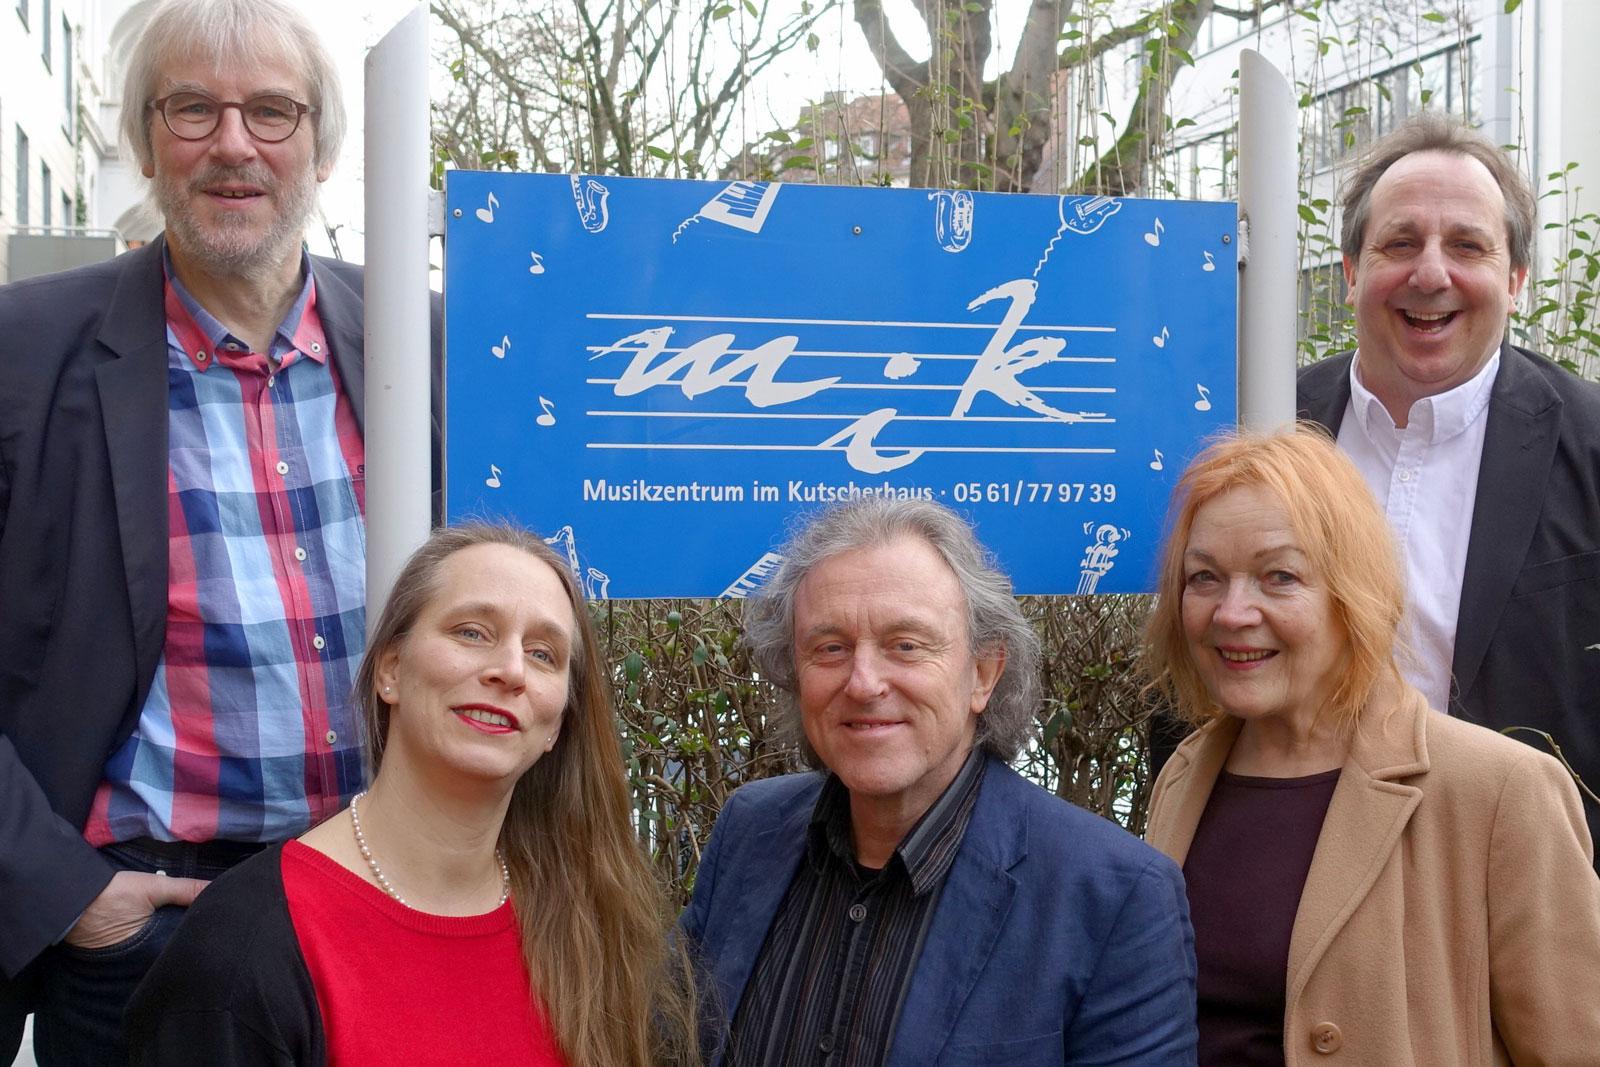 Den Kulturpreis Kassel 2020 in Höhe von 3.000 Euro erhält das Musikzentrum im Kutscherhaus - Kontrapunkt e. V (Foto: Petra Spengler-Wendt)